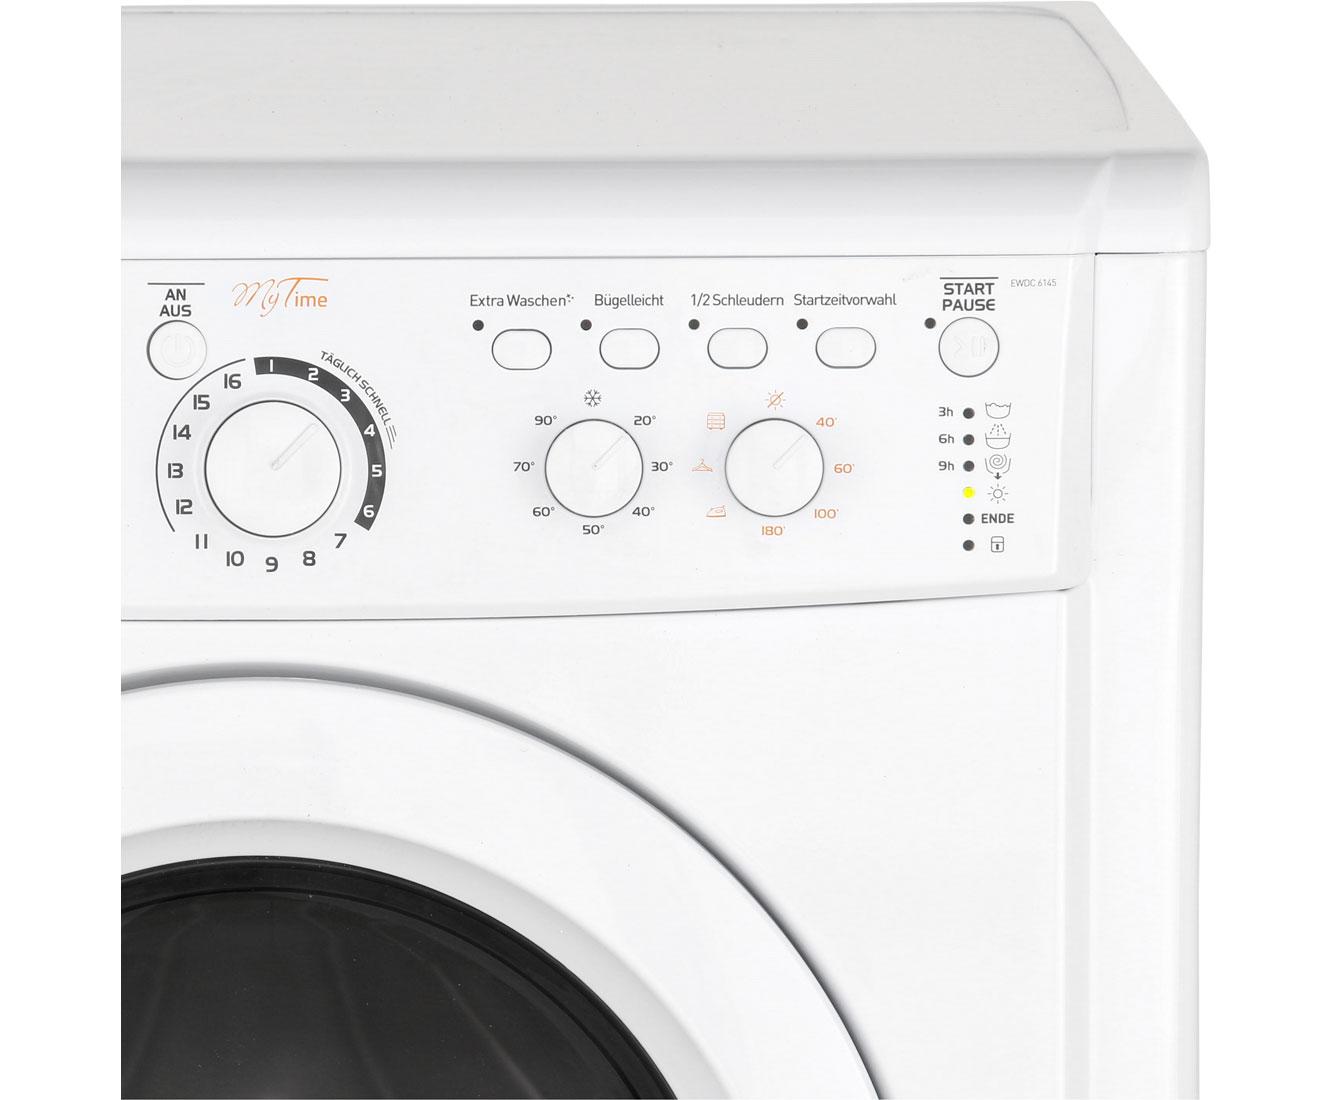 Indesit Ewdc 6145 W De Waschtrockner 6 Kg Waschen 5 Kg Trocknen